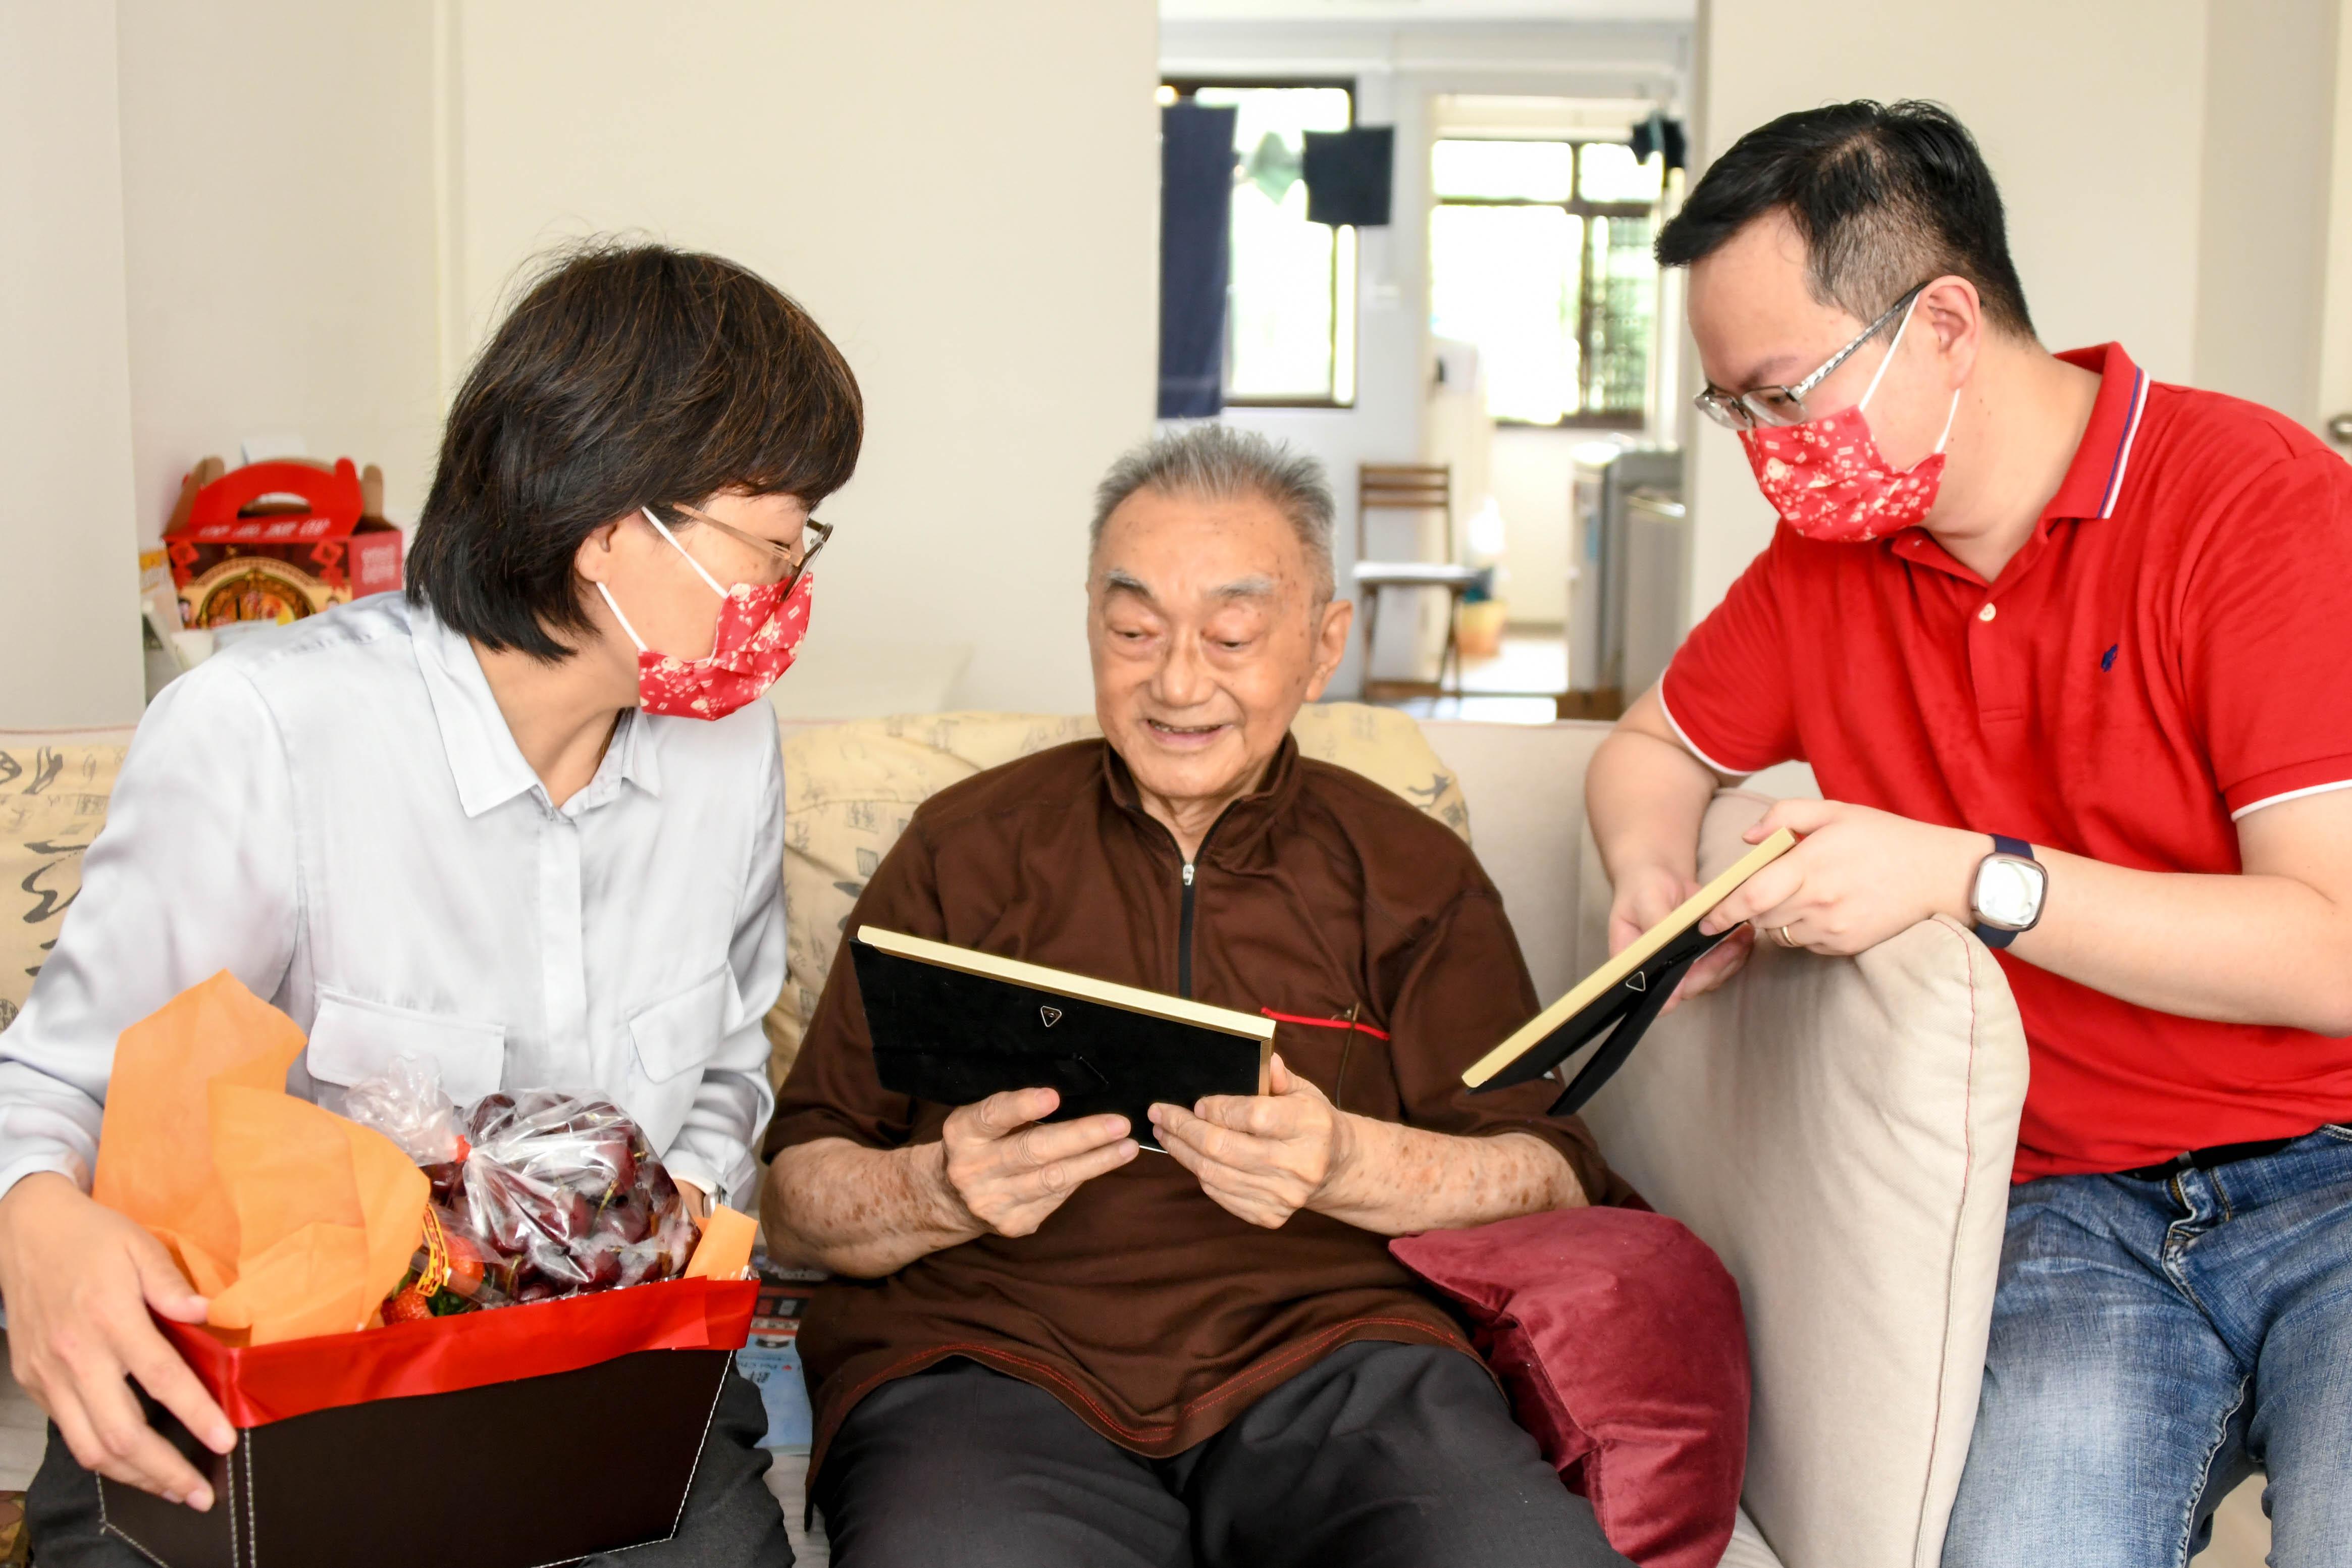 李慧玲(左一)与潘正祥(右一)向老校长介绍由陈聪明校友创作的作品。